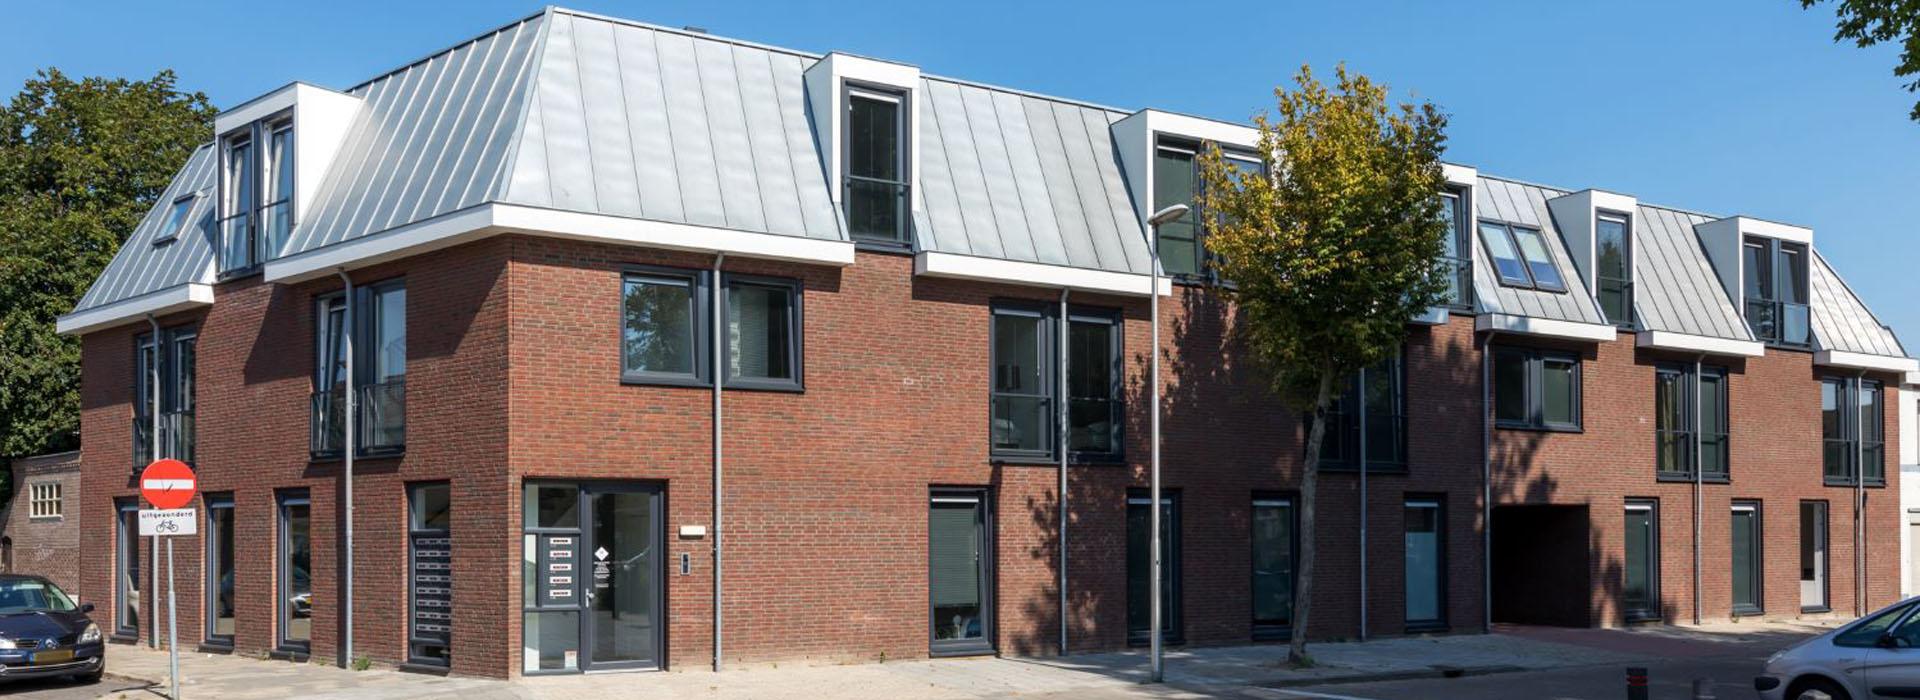 exterior Vlootkwartier in Eindhoven